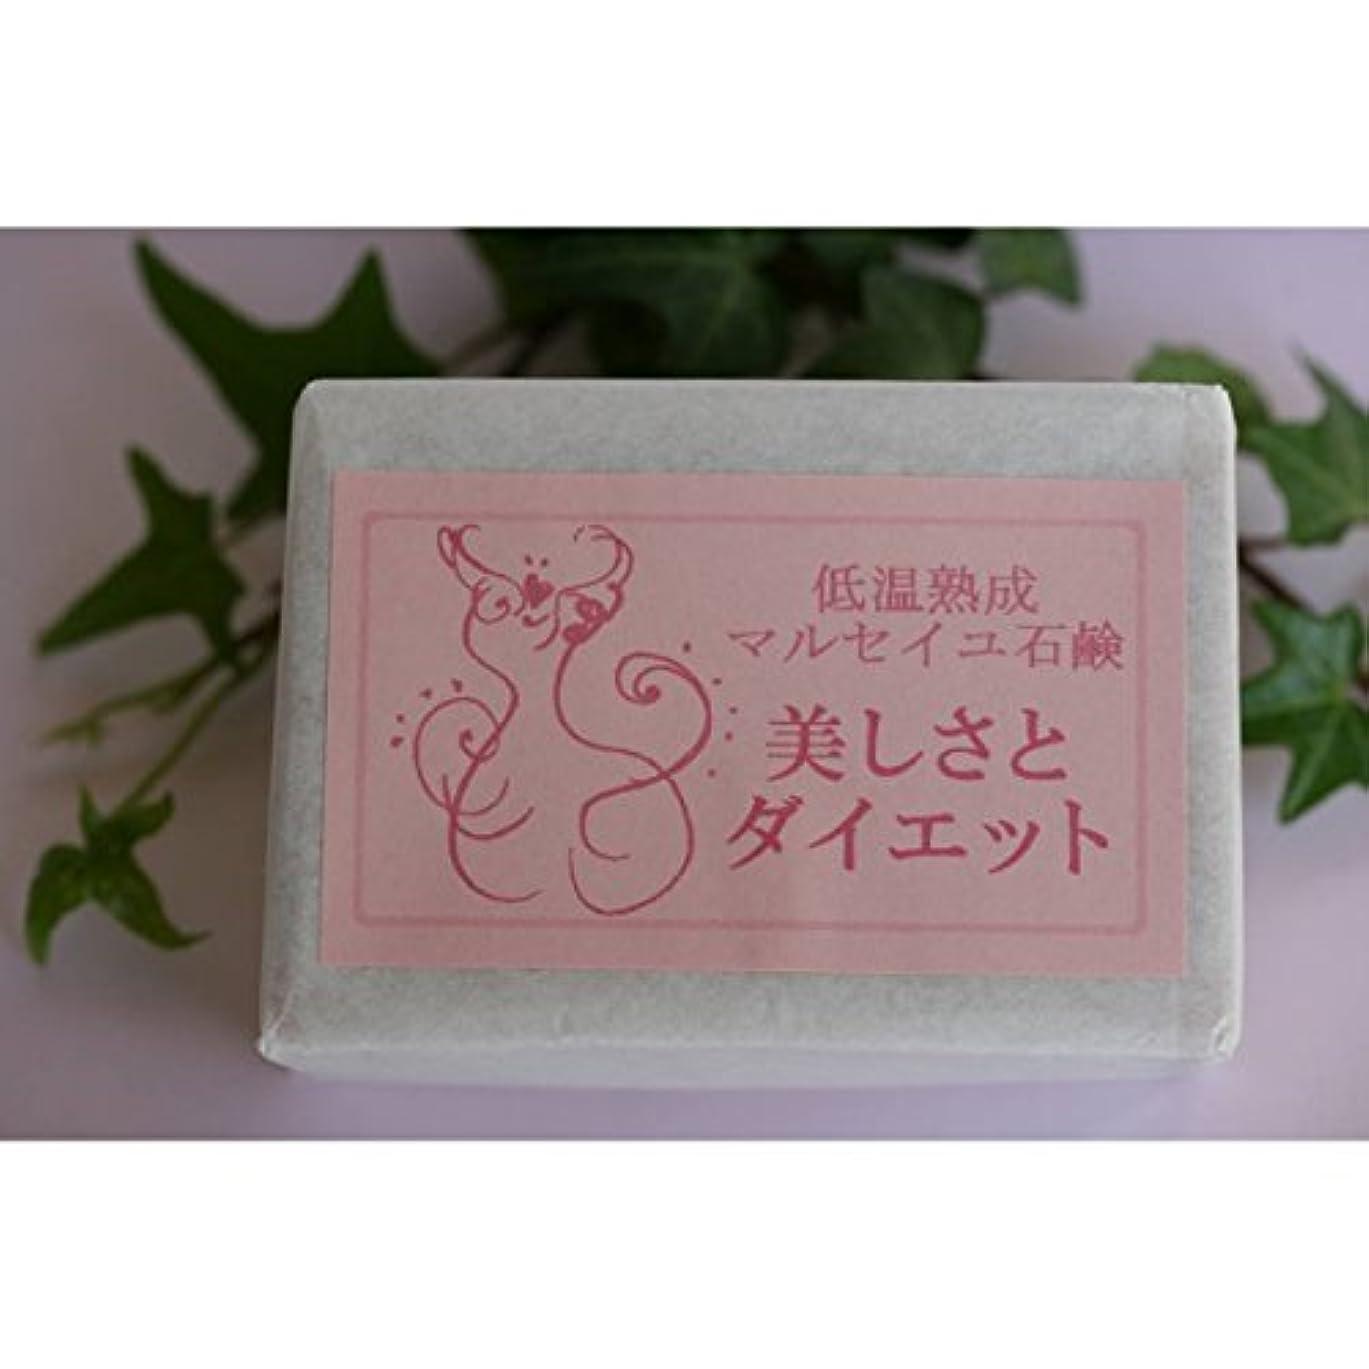 別の生産性適応マウントフジ フラワーエッセンス 低温熟成 マルセイユ石鹸 美しさとダイエット (MTFUJI FLOWER ESSENCES)